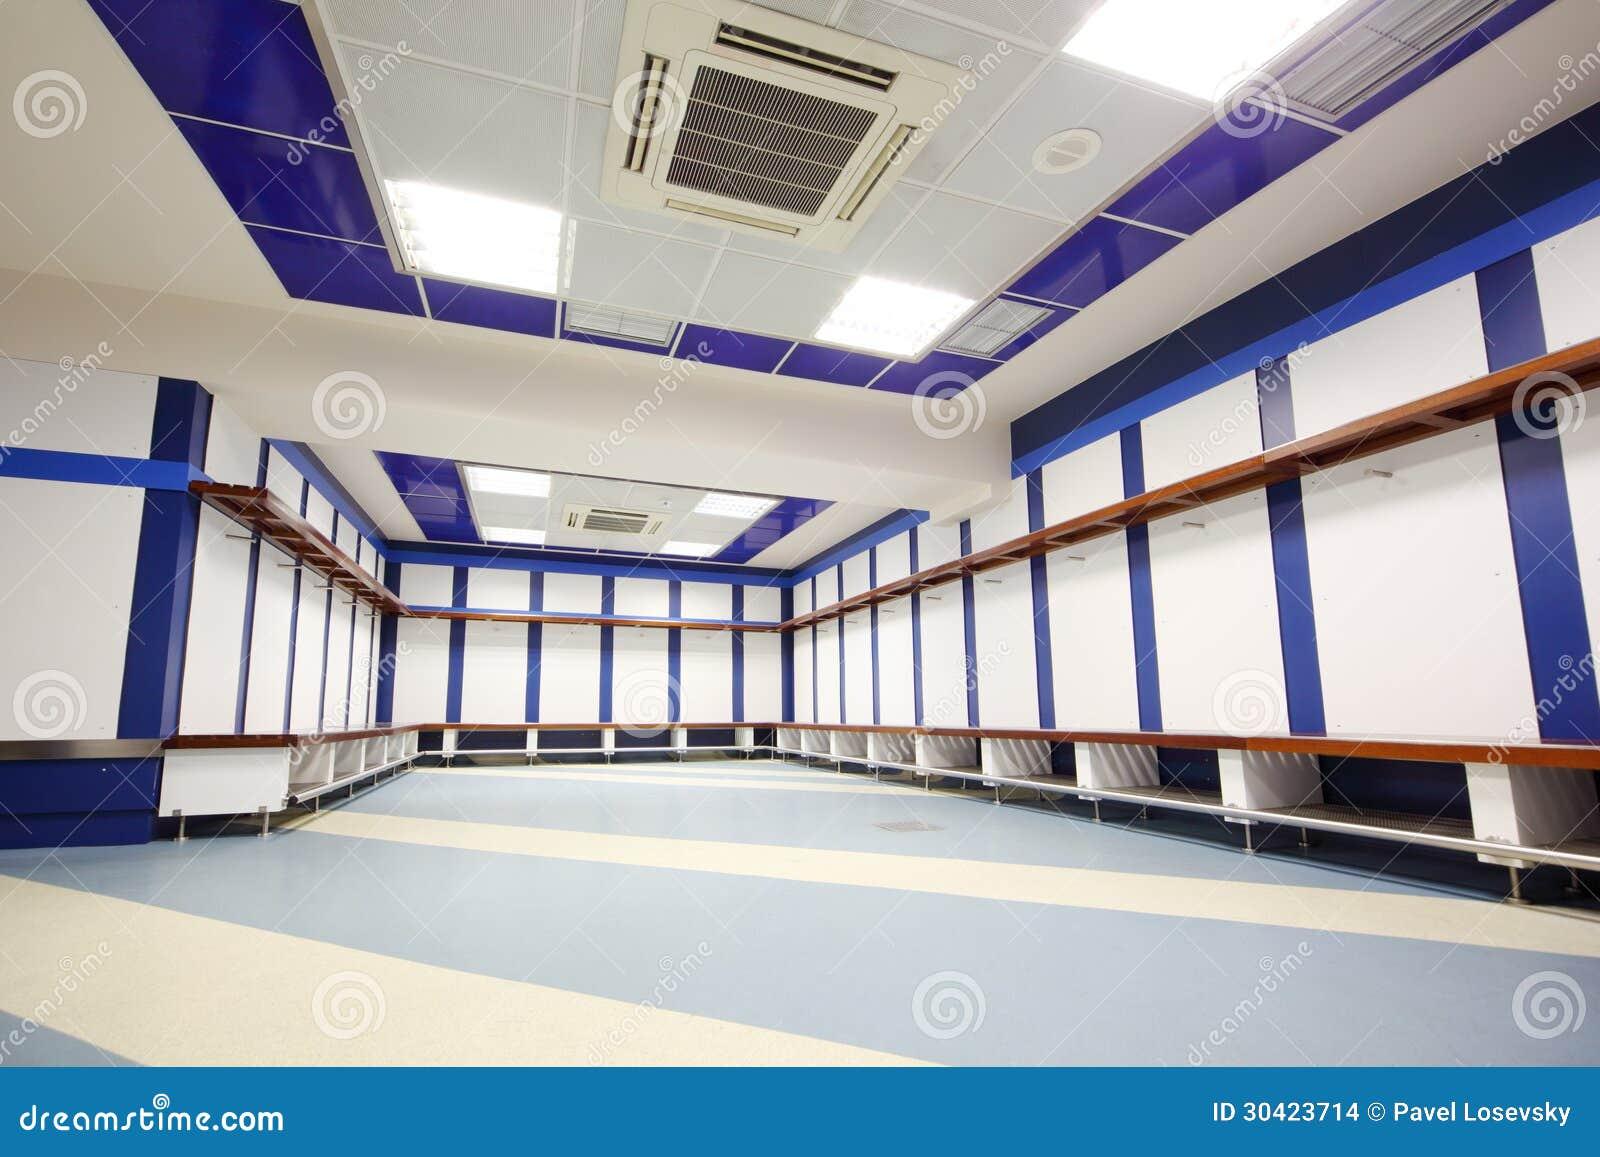 Empty locker room in Santiago Bernabeu Stadium